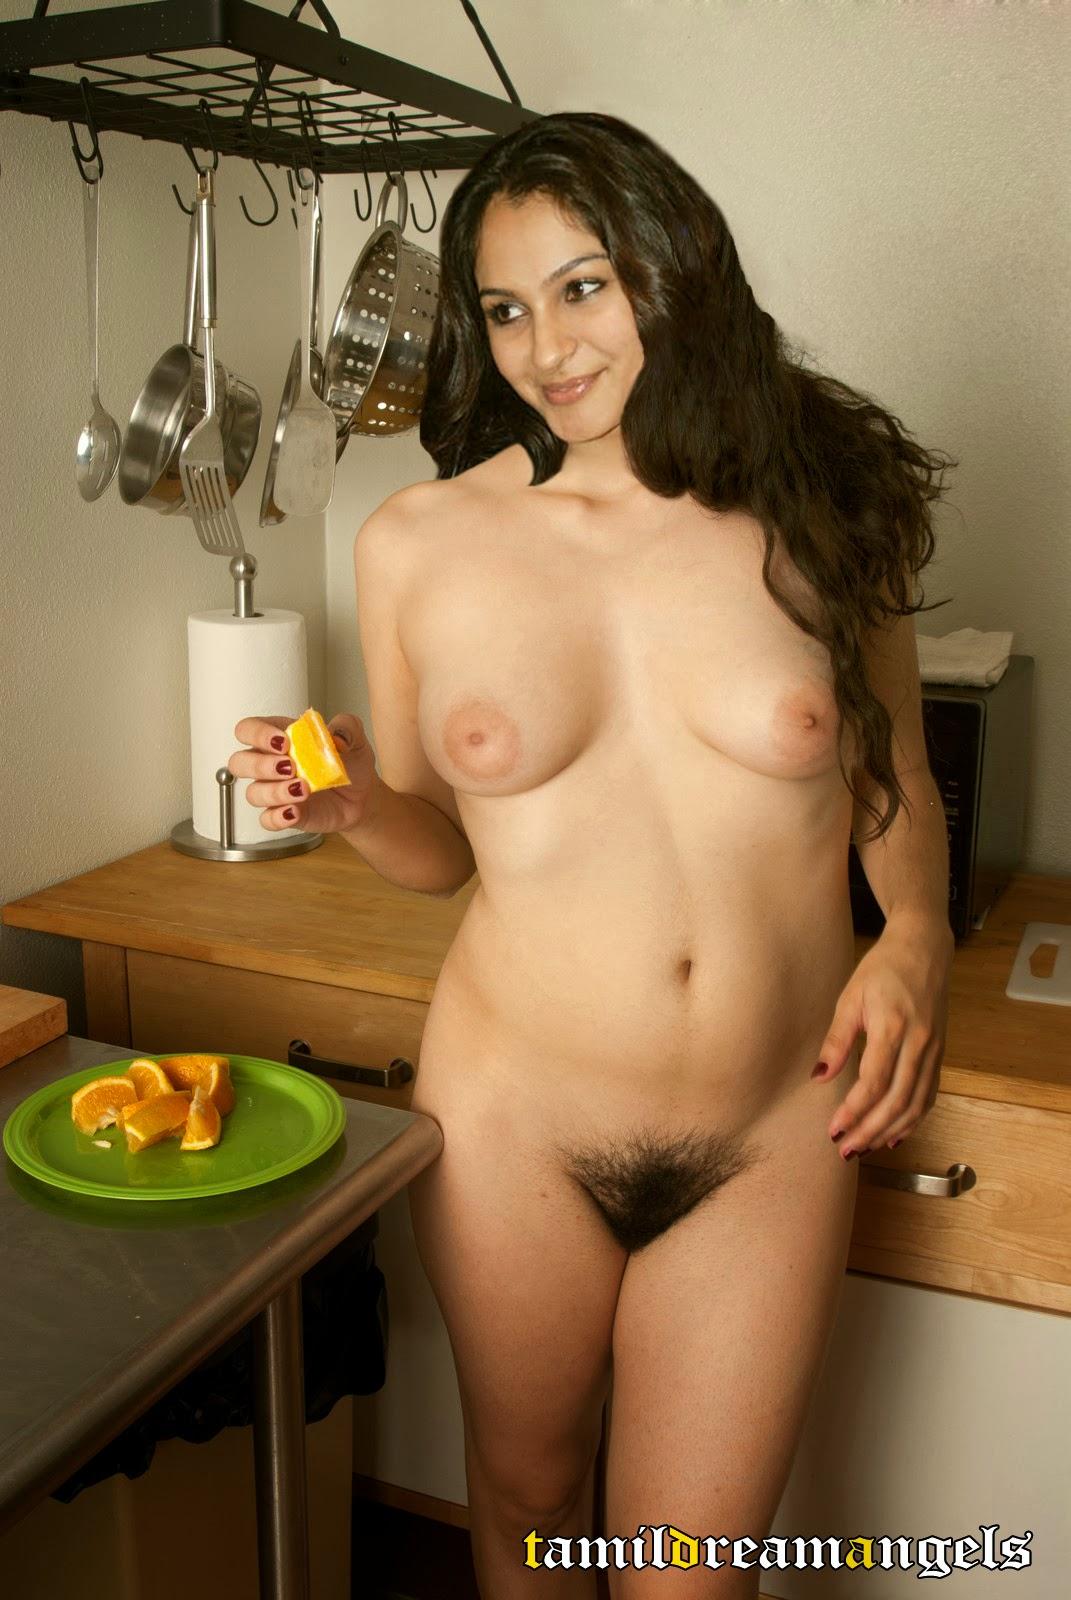 Andriya Nude nude and naked andriya images - excelent porn